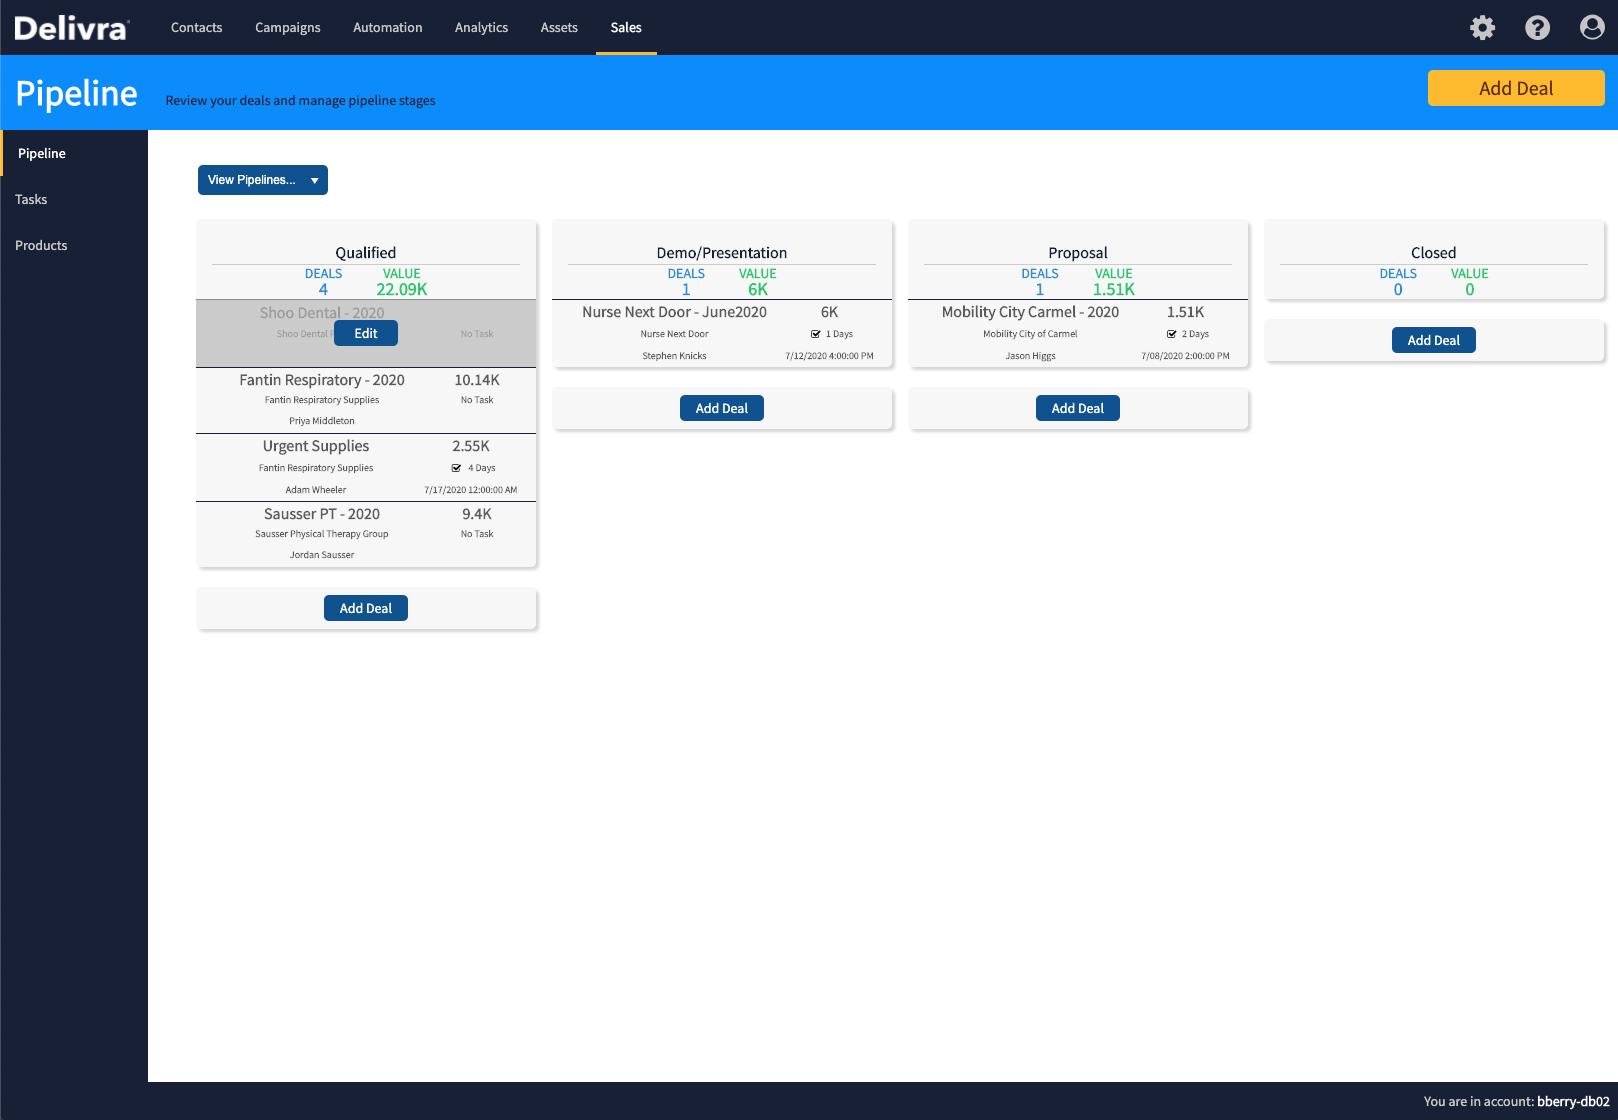 Screenshot of Delivra's lite CRM pipeline